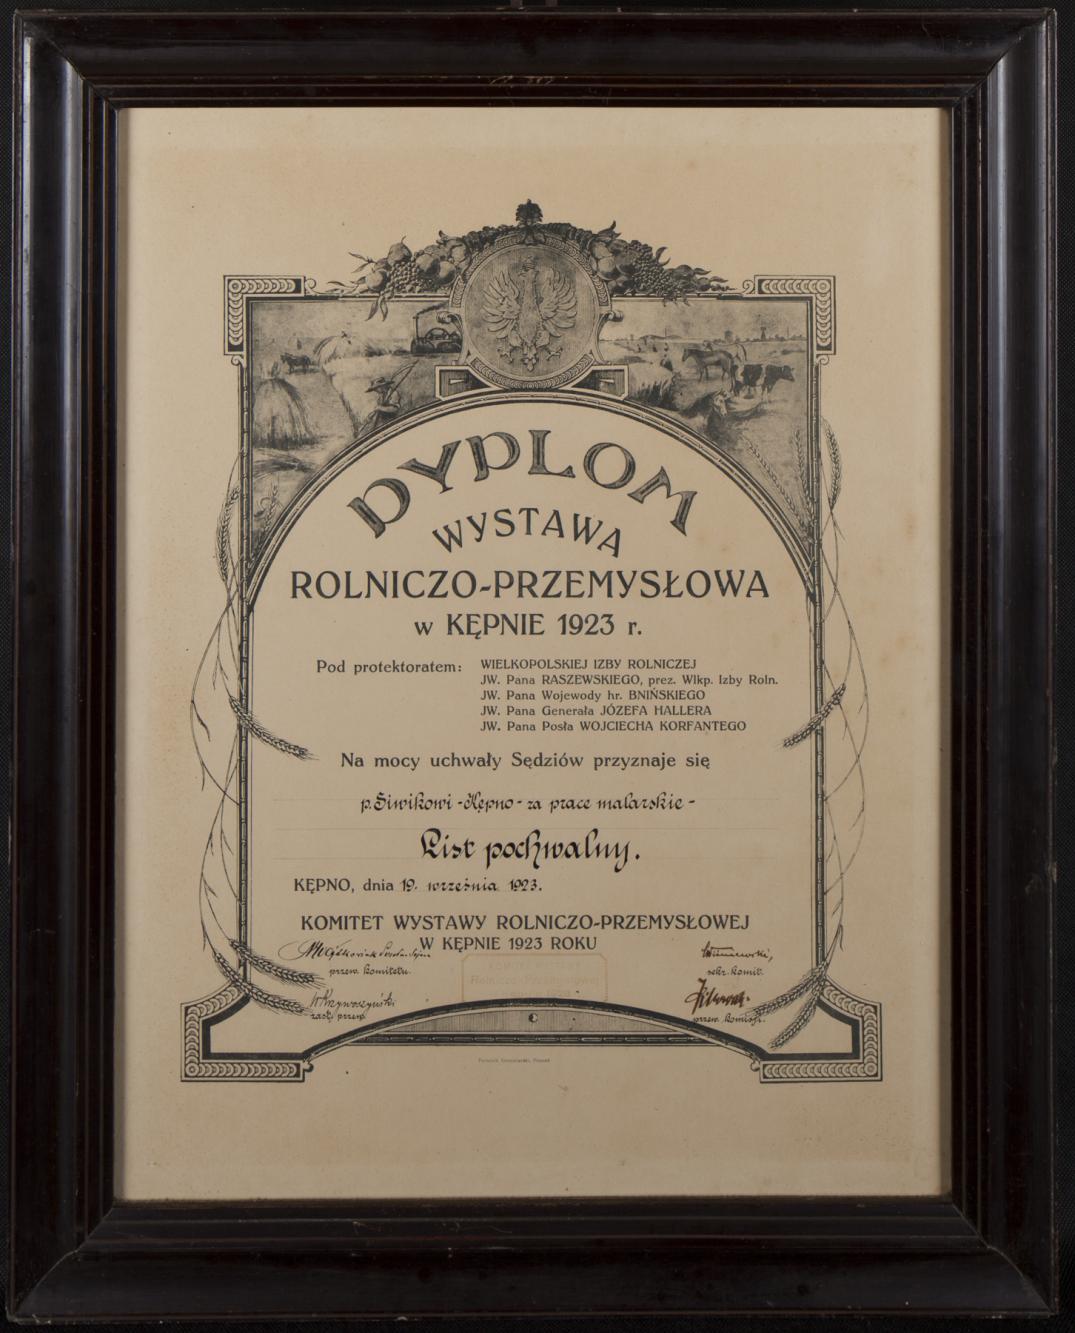 Dyplom Wystawy Rolniczo-Przemysłowej w Kępnie 1923 r.